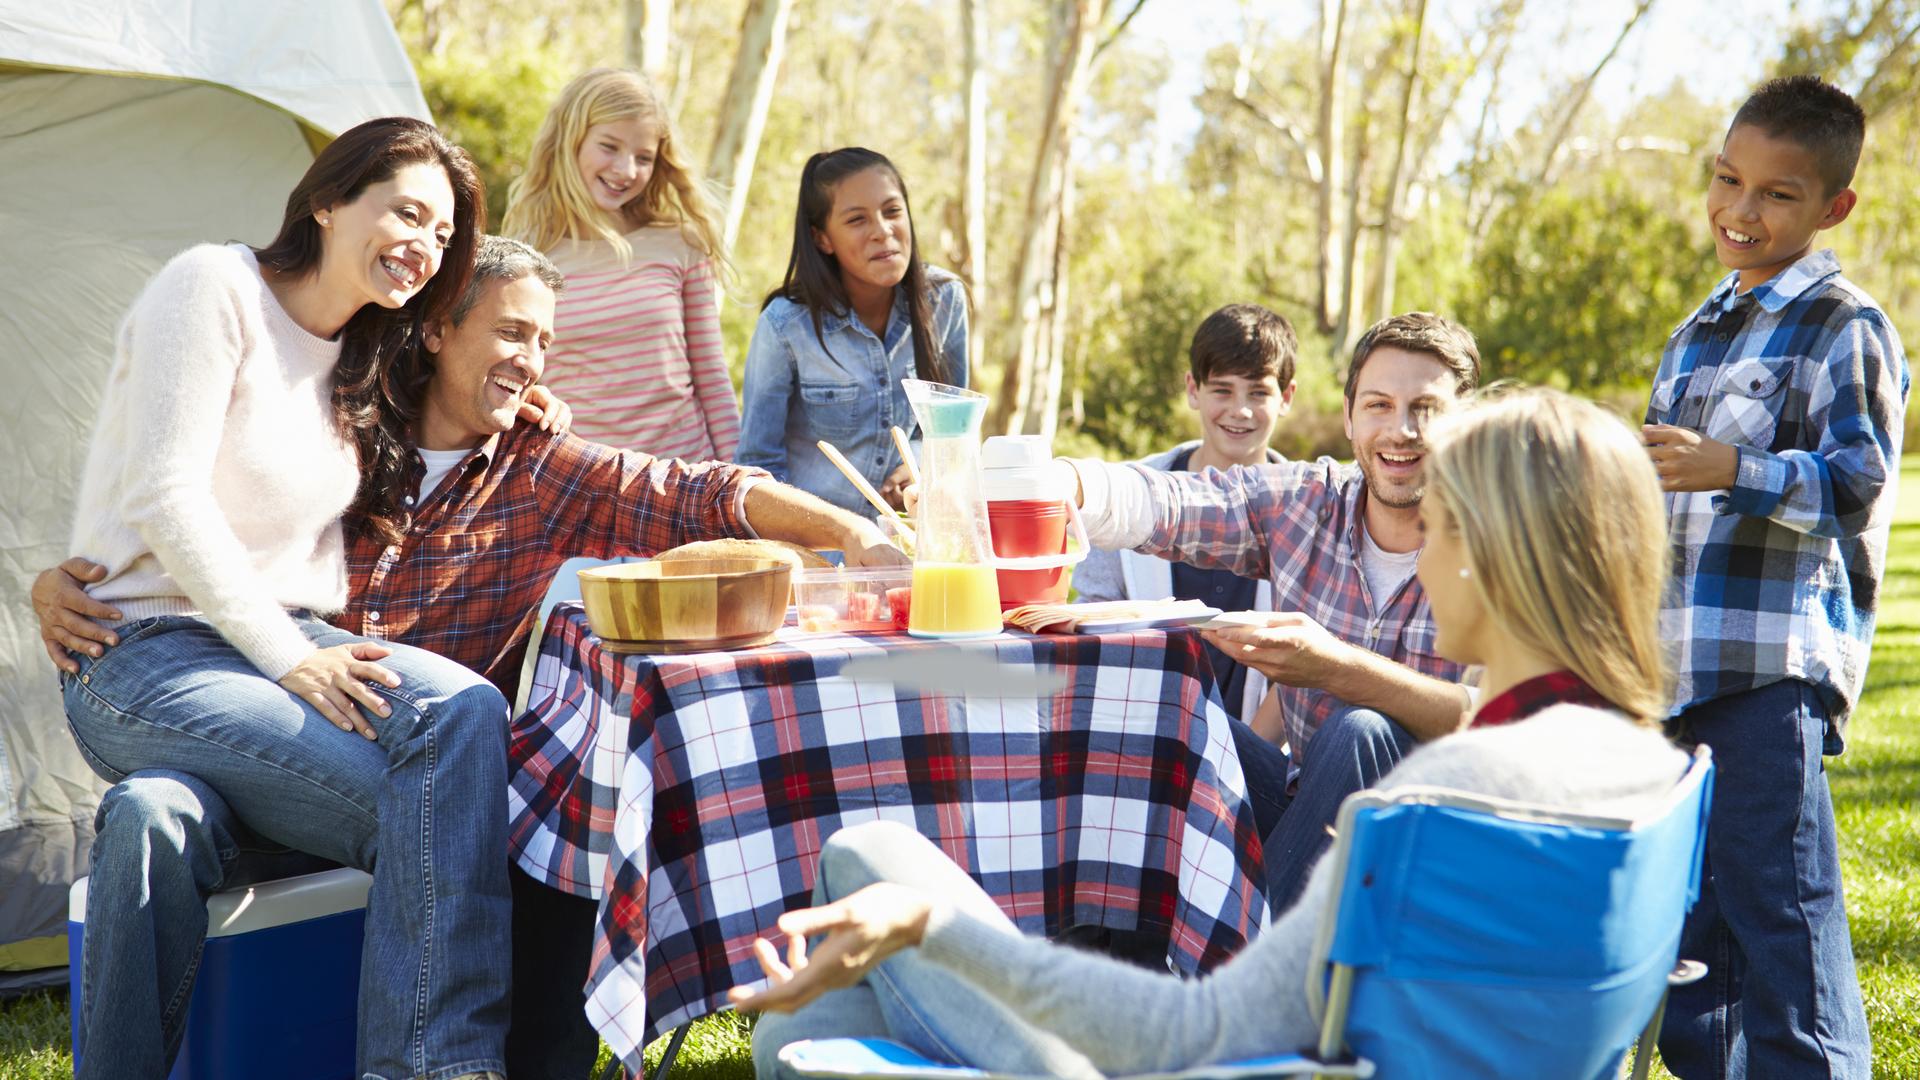 Familles recomposées: comment réussir ses premières vacances ensemble?